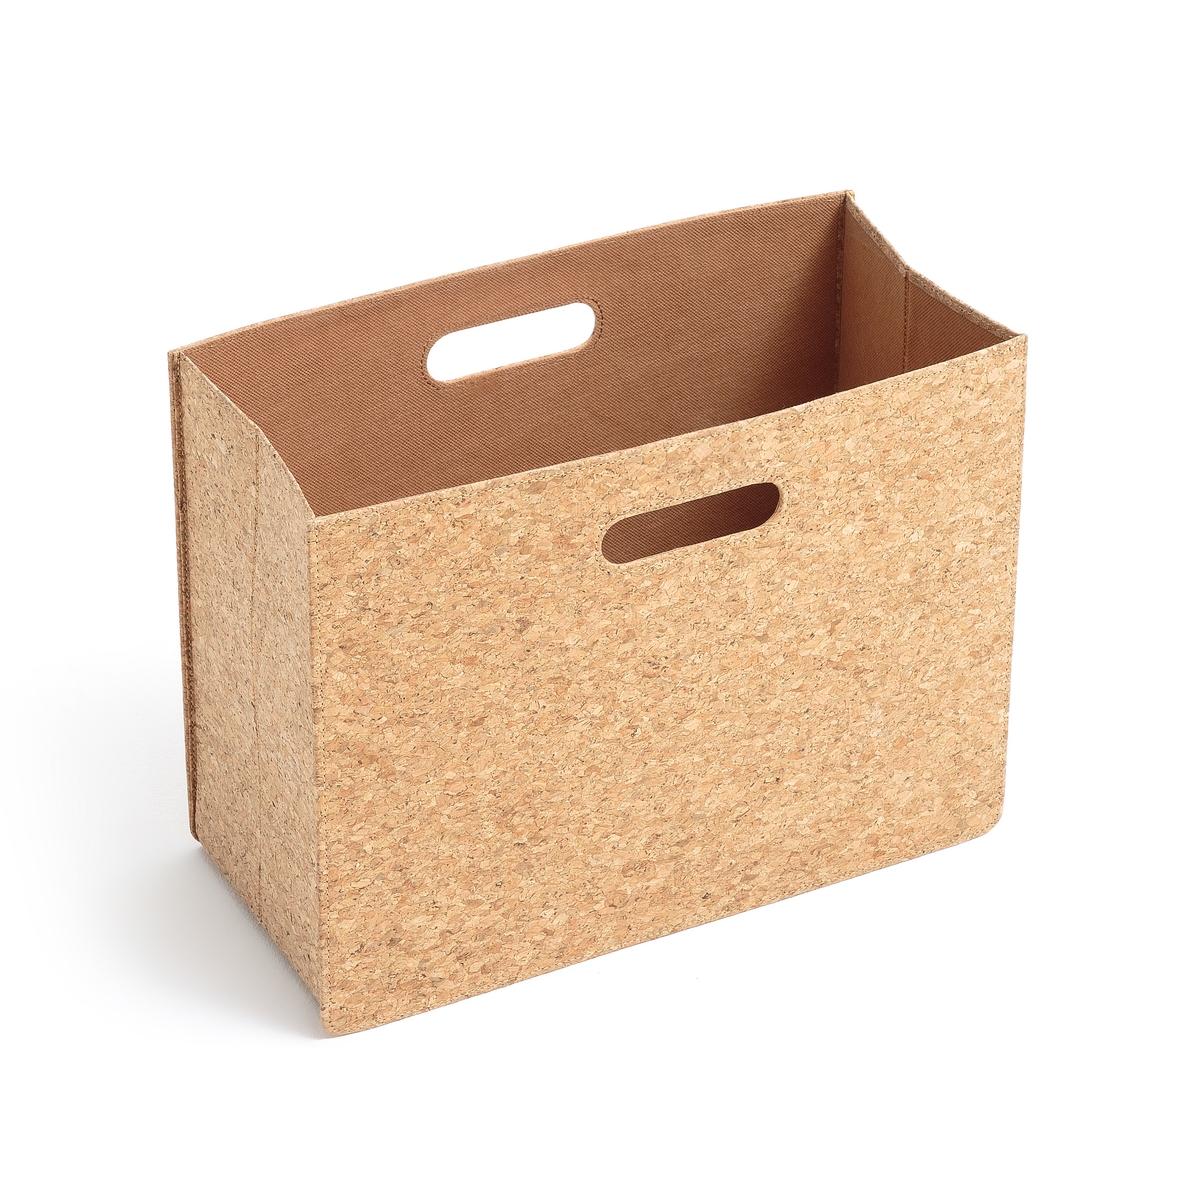 Коробка для журналов из пробкиОписание:Коробка для журналов из пробки. Коробка для журналов из натурального материала добавит элегантности вашему интерьеру и будет очень практичной для хранения ваших журналов…Характеристики коробки для журналов : : 0px font-size: 12px line-height: normal font-family: Avenir -webkit-text-stroke-width: initial -webkit-text-stroke-color: rgb(0, 0, 0)&gt;Коробка для журналов из натуральной пробкиСборная конструкция с ручками по бокамВнутренняя подкладка из полиэстераРазмеры коробки для журналов :В.30 x 39,5 x 19 смРасцветка : Натуральный цветРазмеры и вес ящика :42 x 5,5 x 32 см, 1,3 кг<br><br>Цвет: серо-бежевый